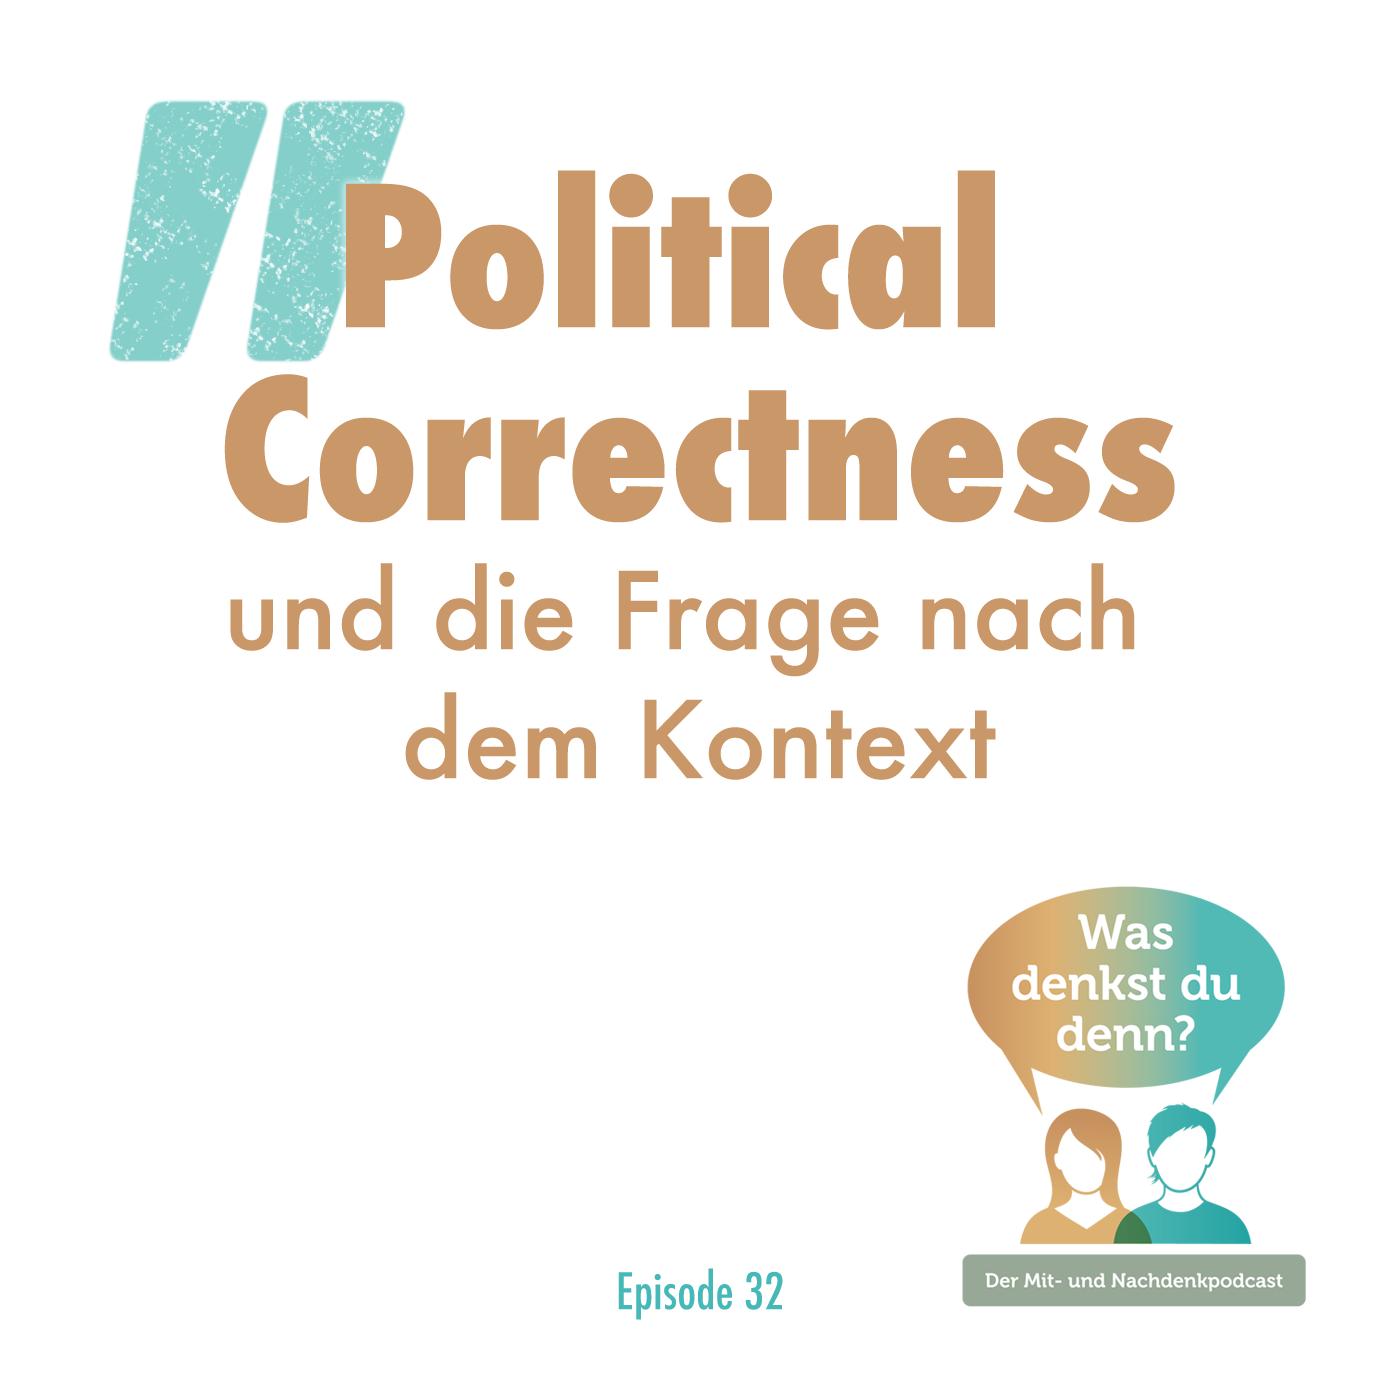 Der Titel des Podcast: Political Correctness und die Frage nach dem Kontext